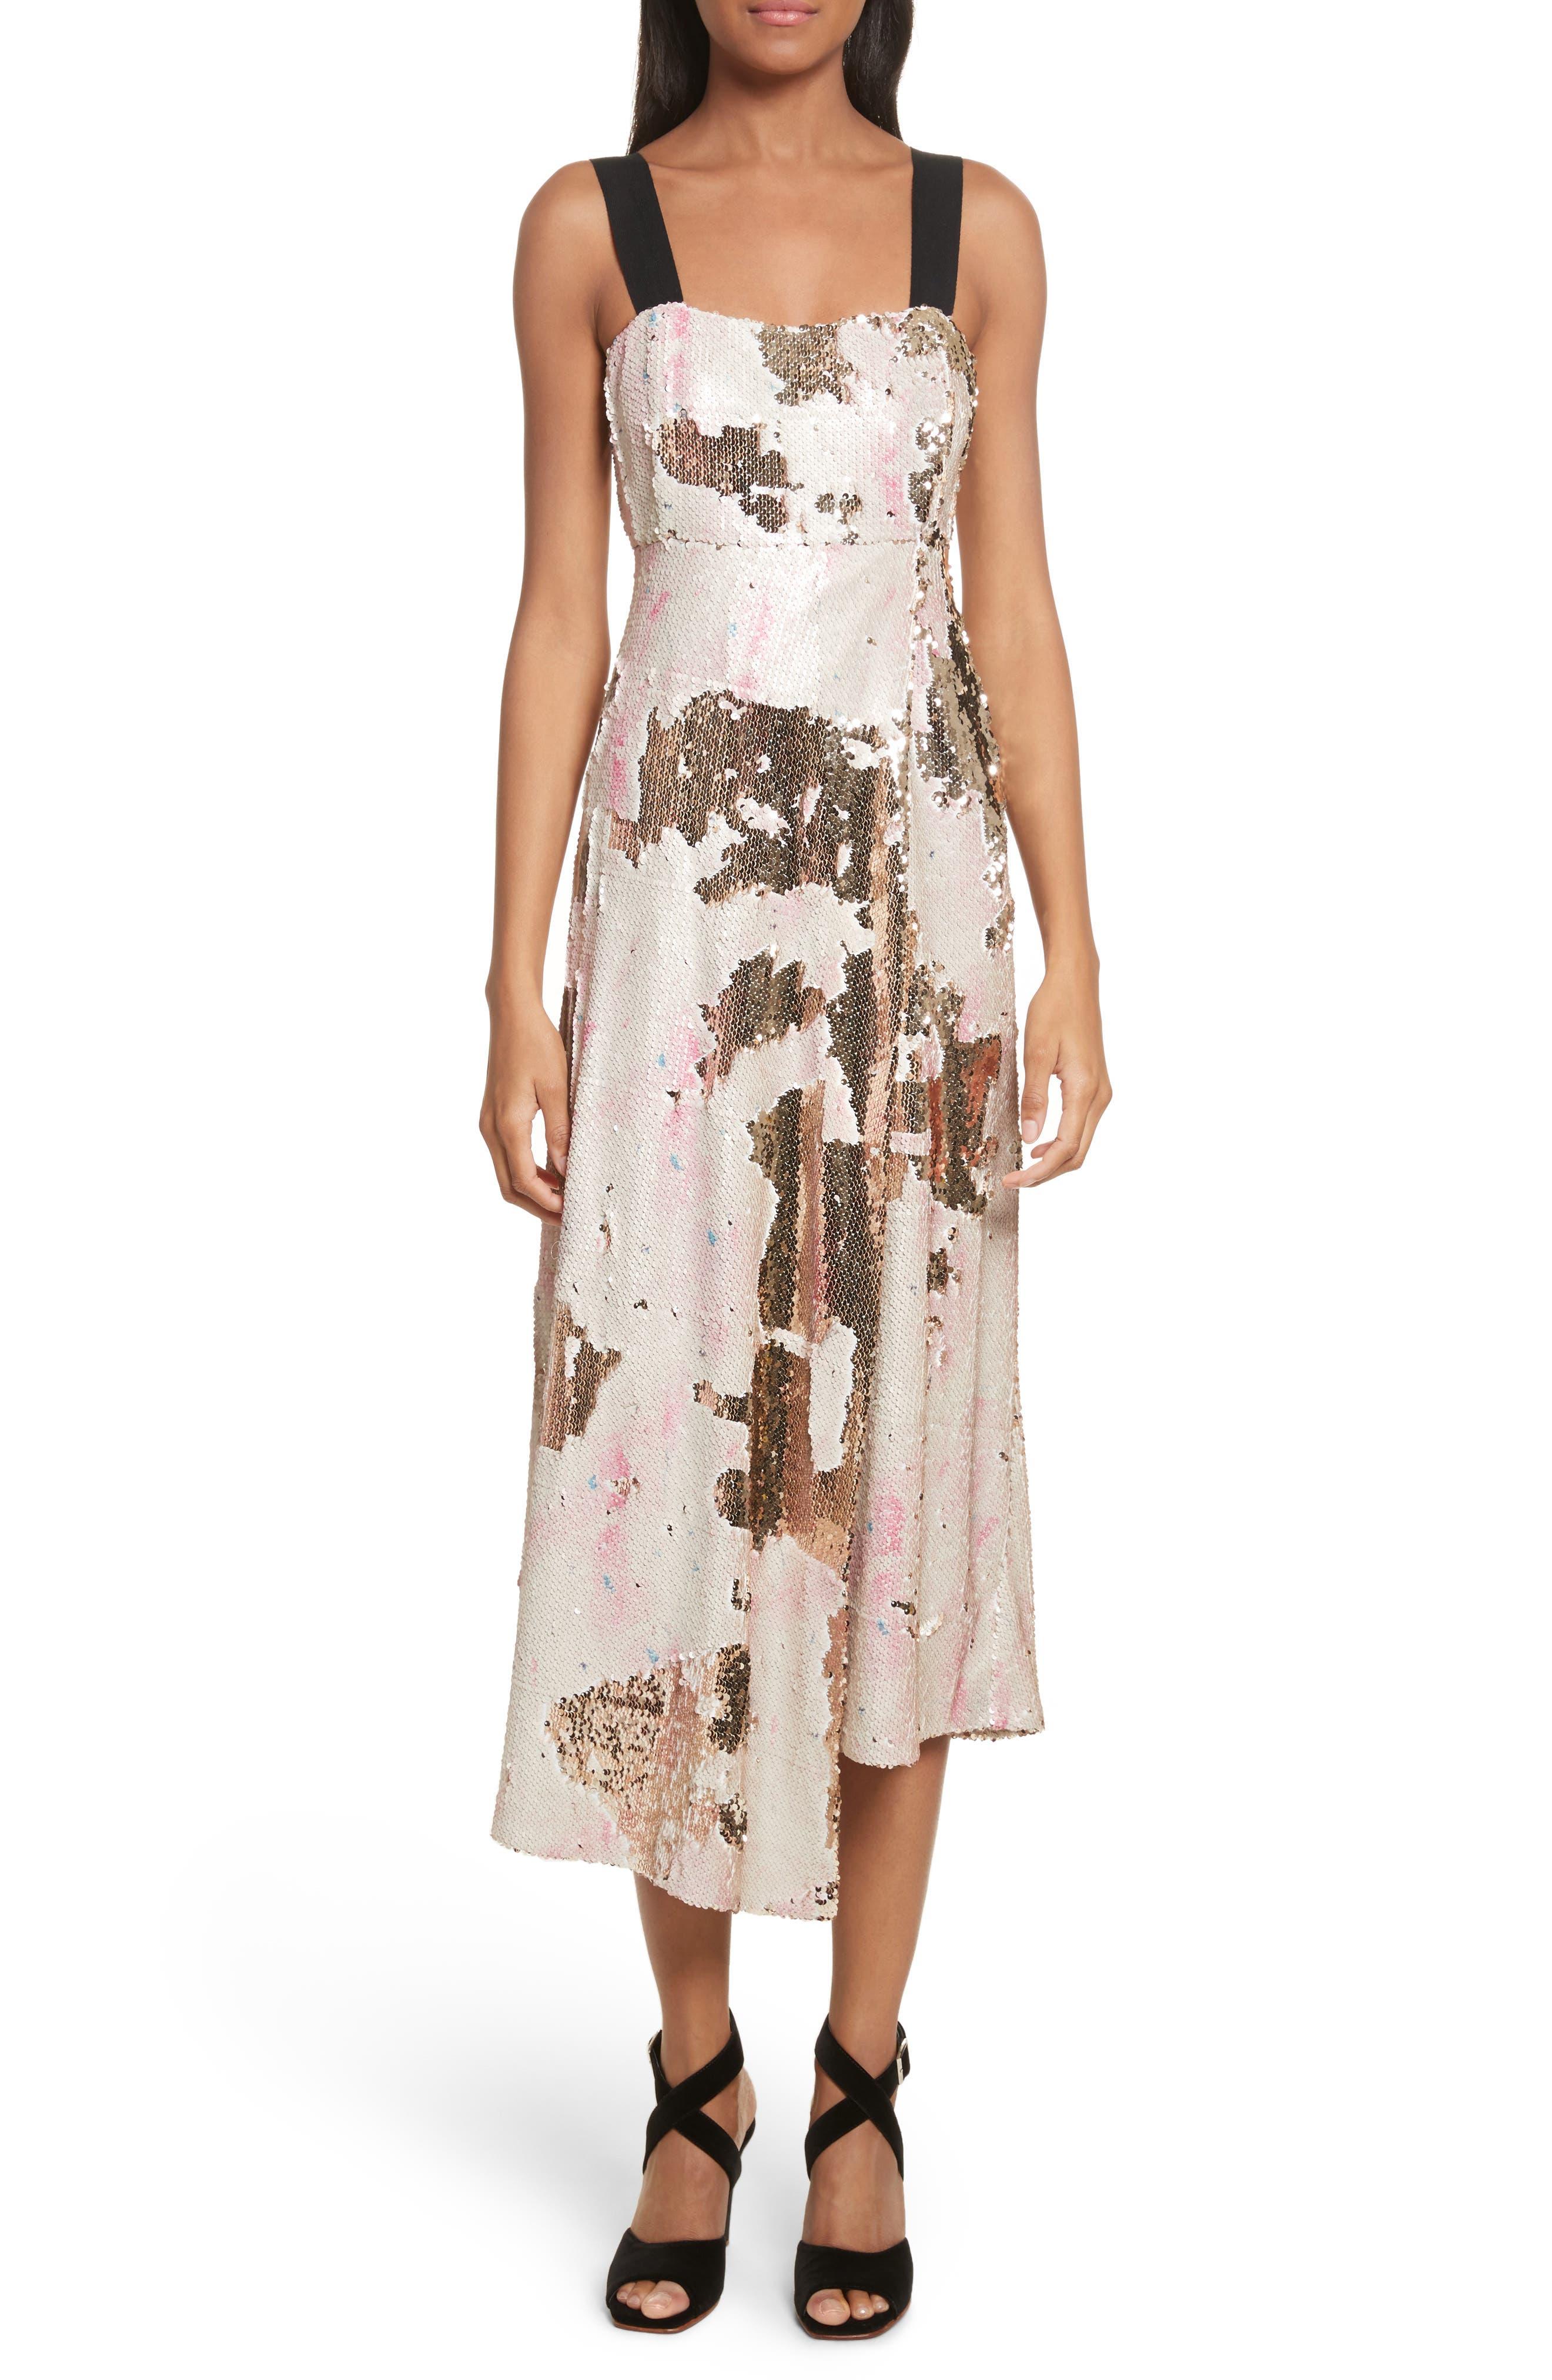 SLACKEN SEQUINED DRESS